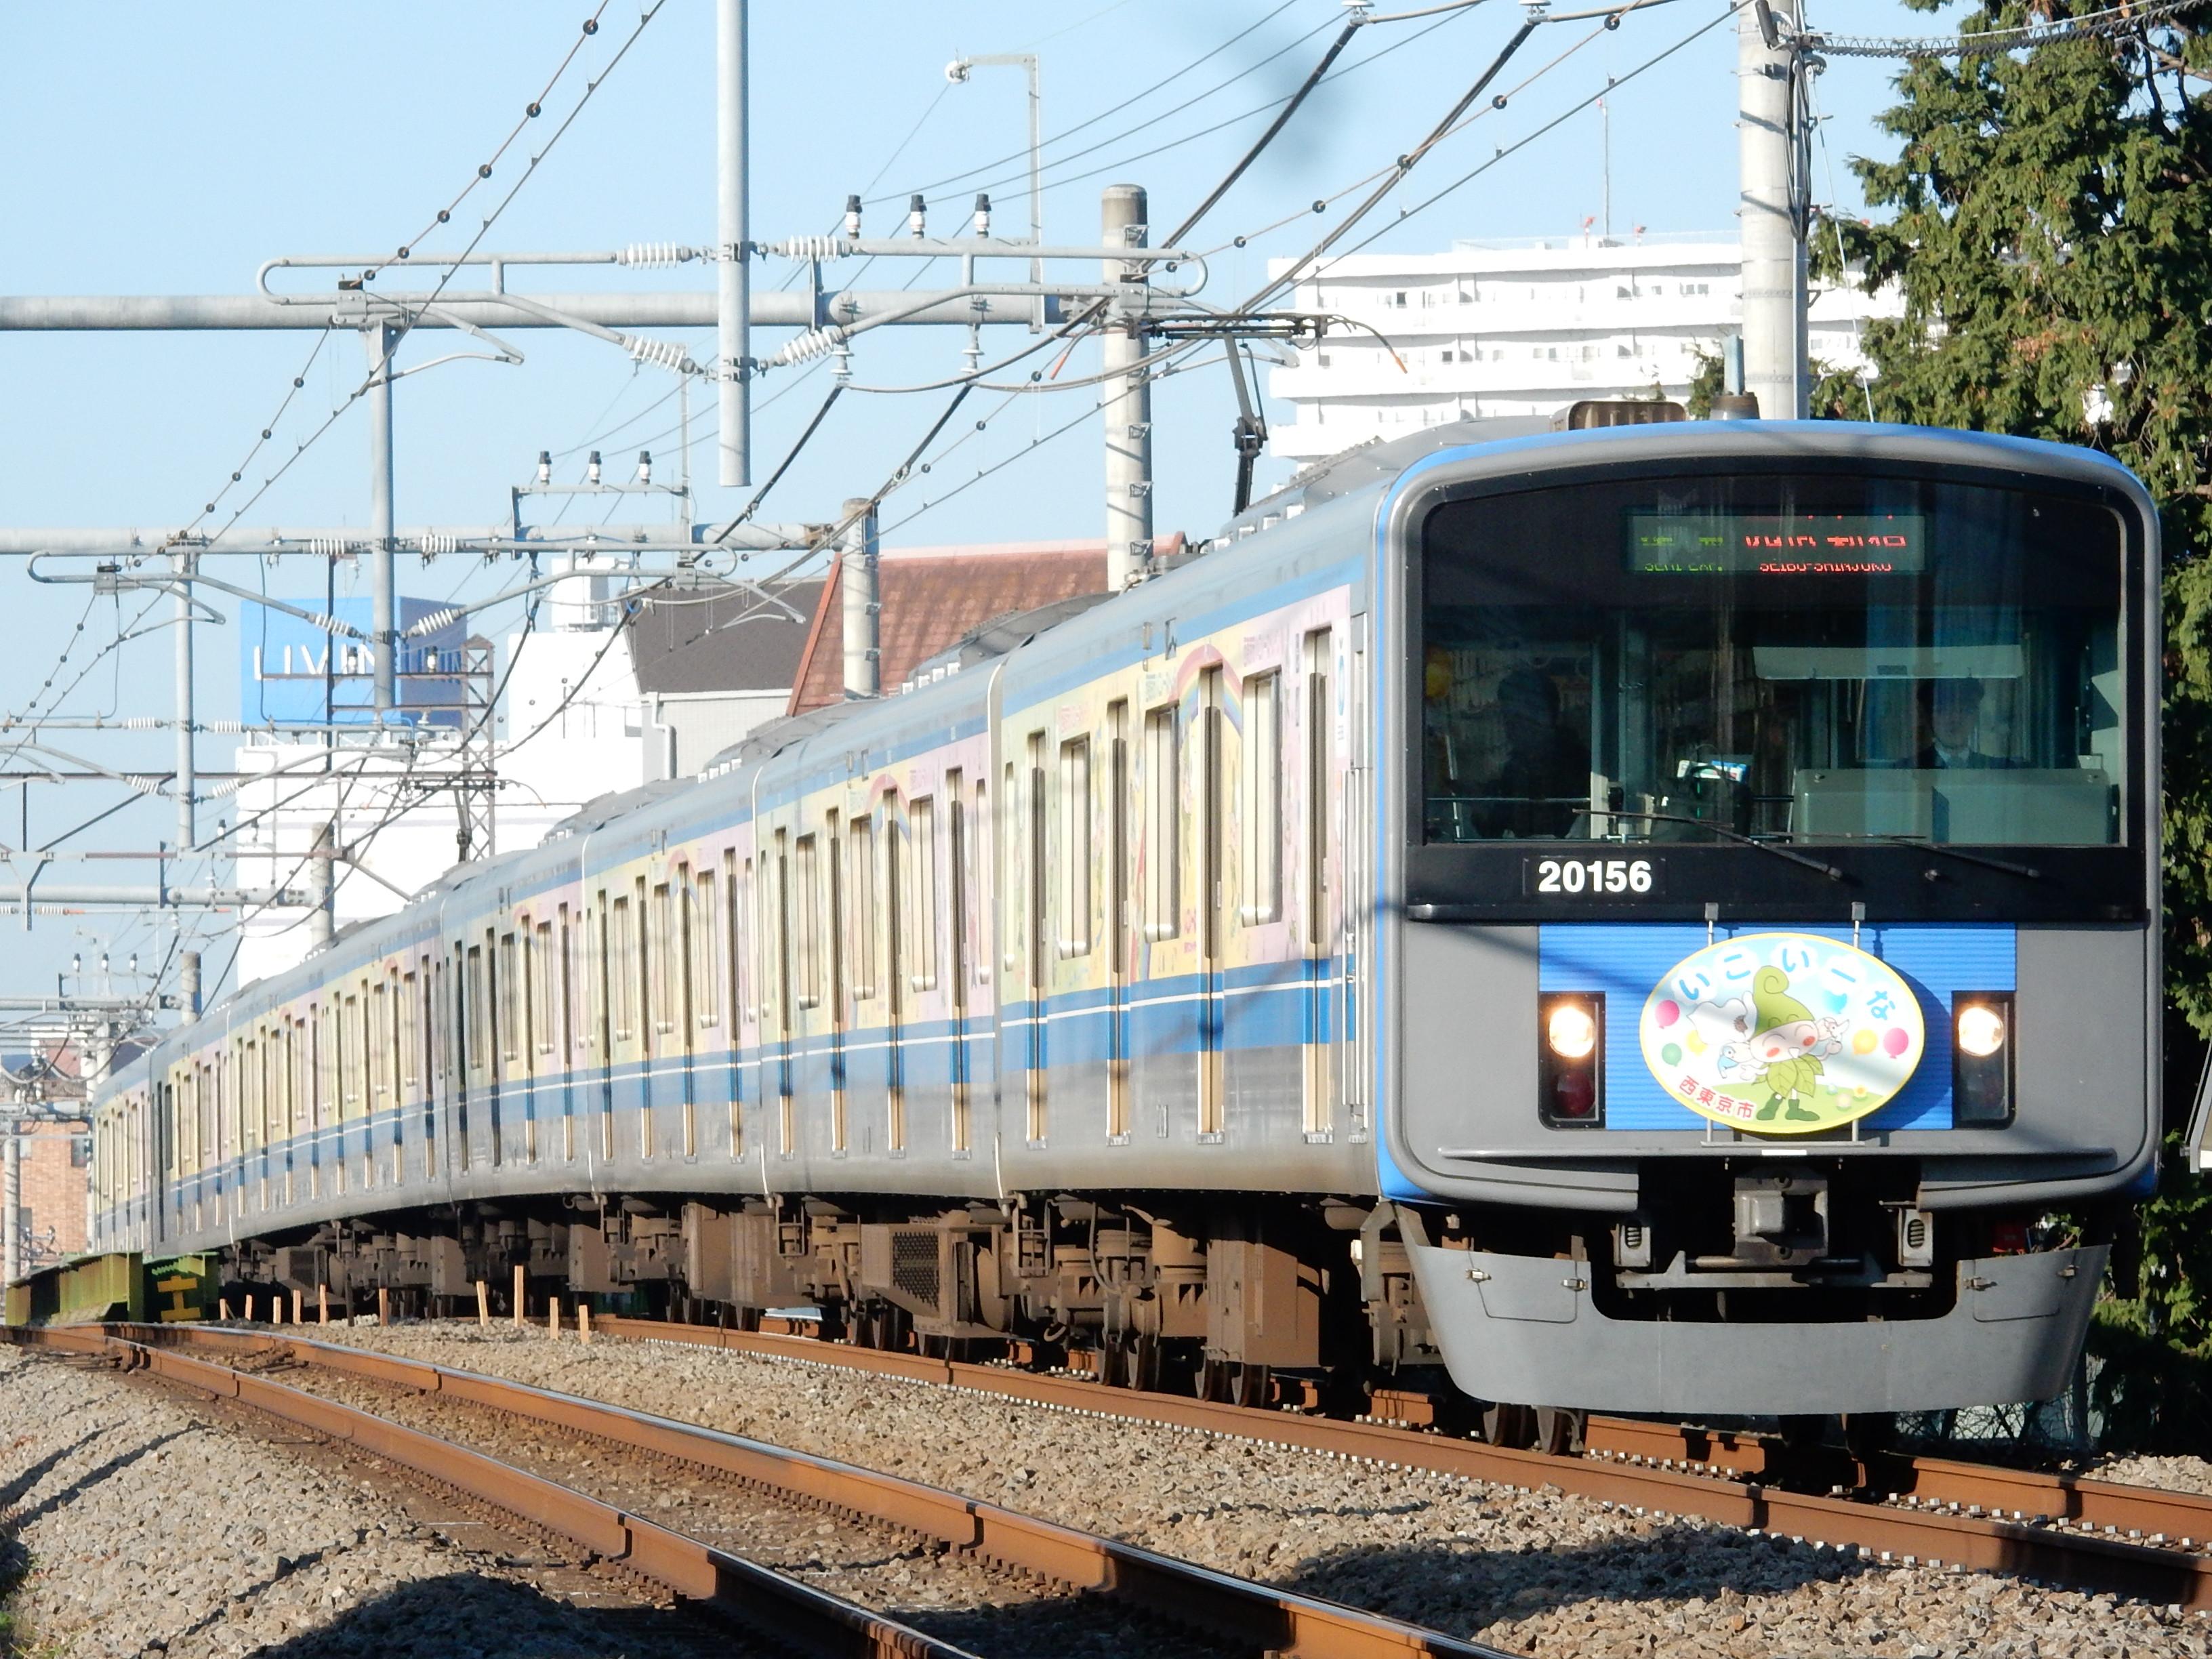 DSCN9588.jpg